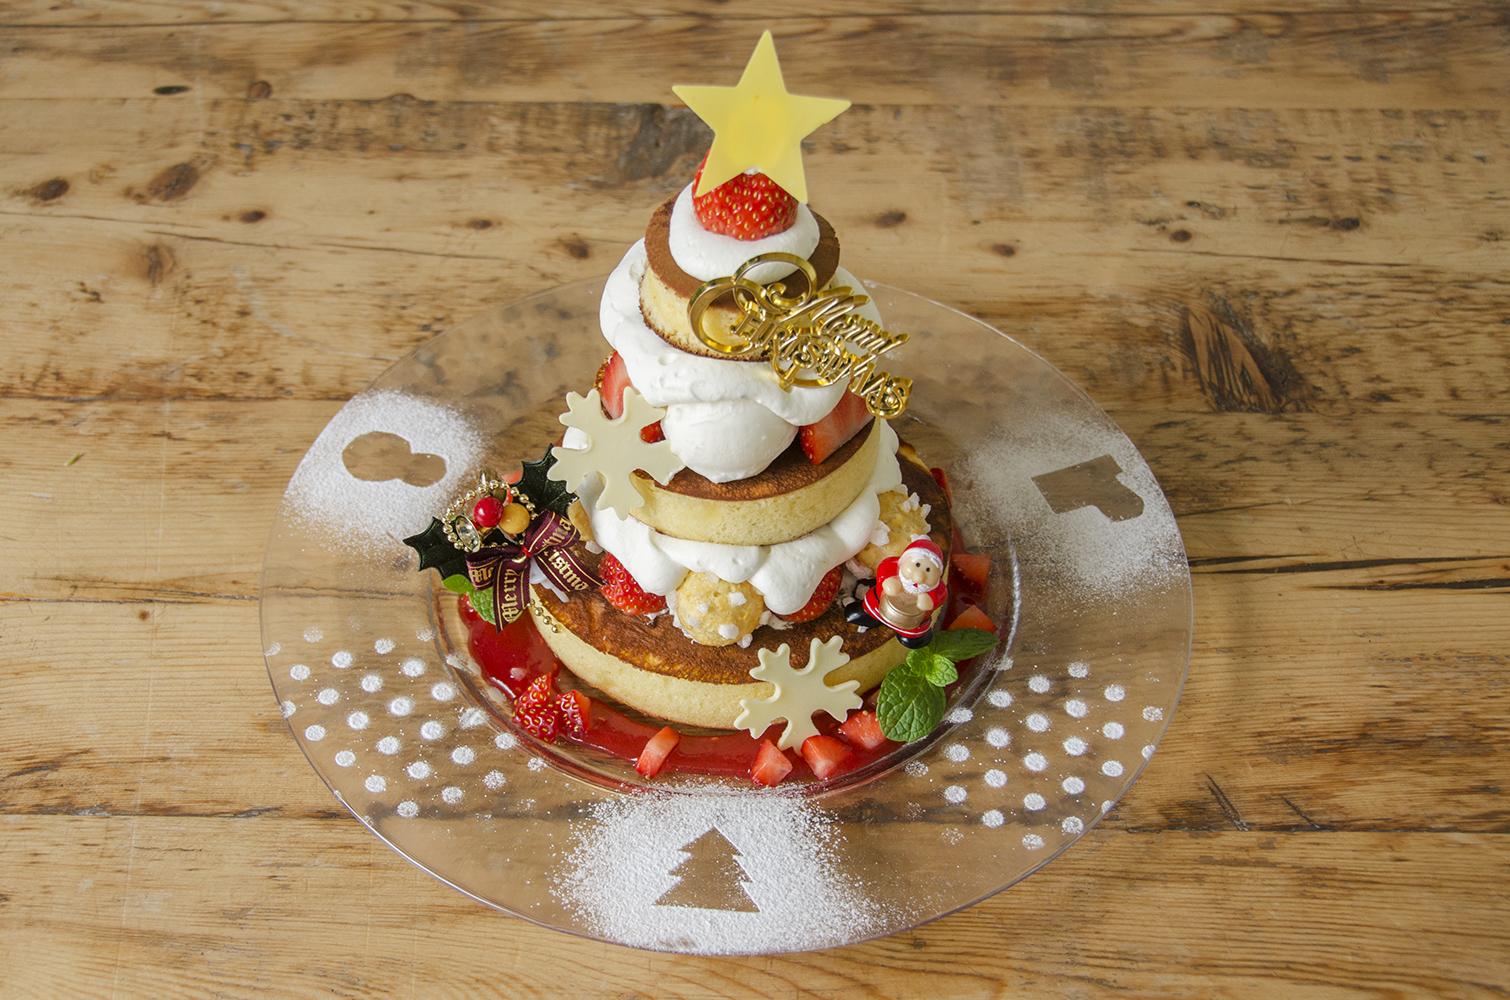 人気のカフェ、アクイーユからクリスマスパンケーキが登場!♡北欧のおもちゃがテーマ🎁🎀